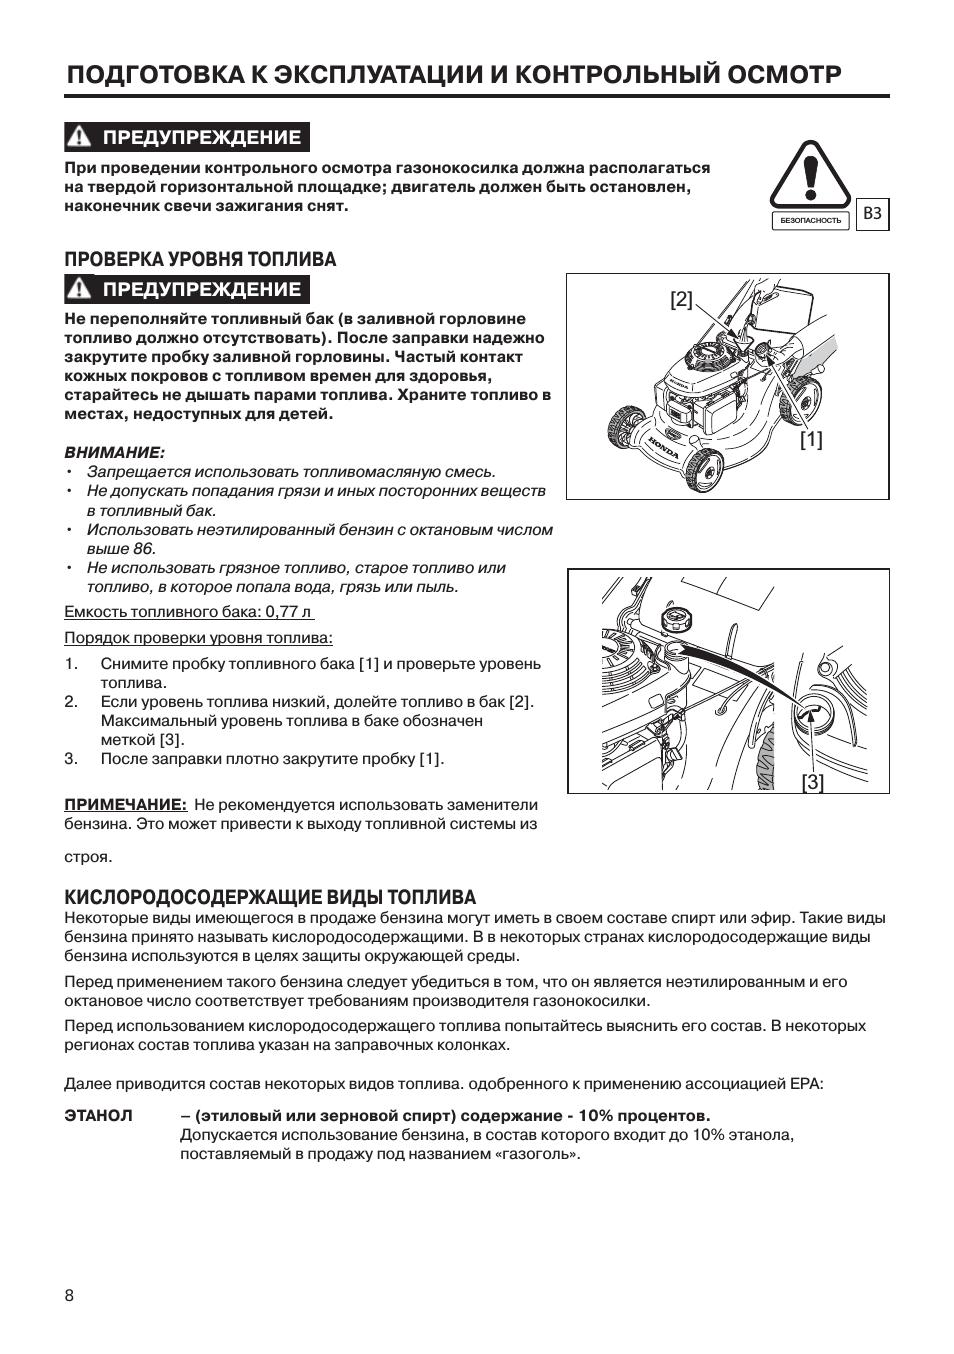 Подготовка к эксплуатации и контрольный осмотр, Проверка уровня топлива, Кислородосодержащие виды топлива